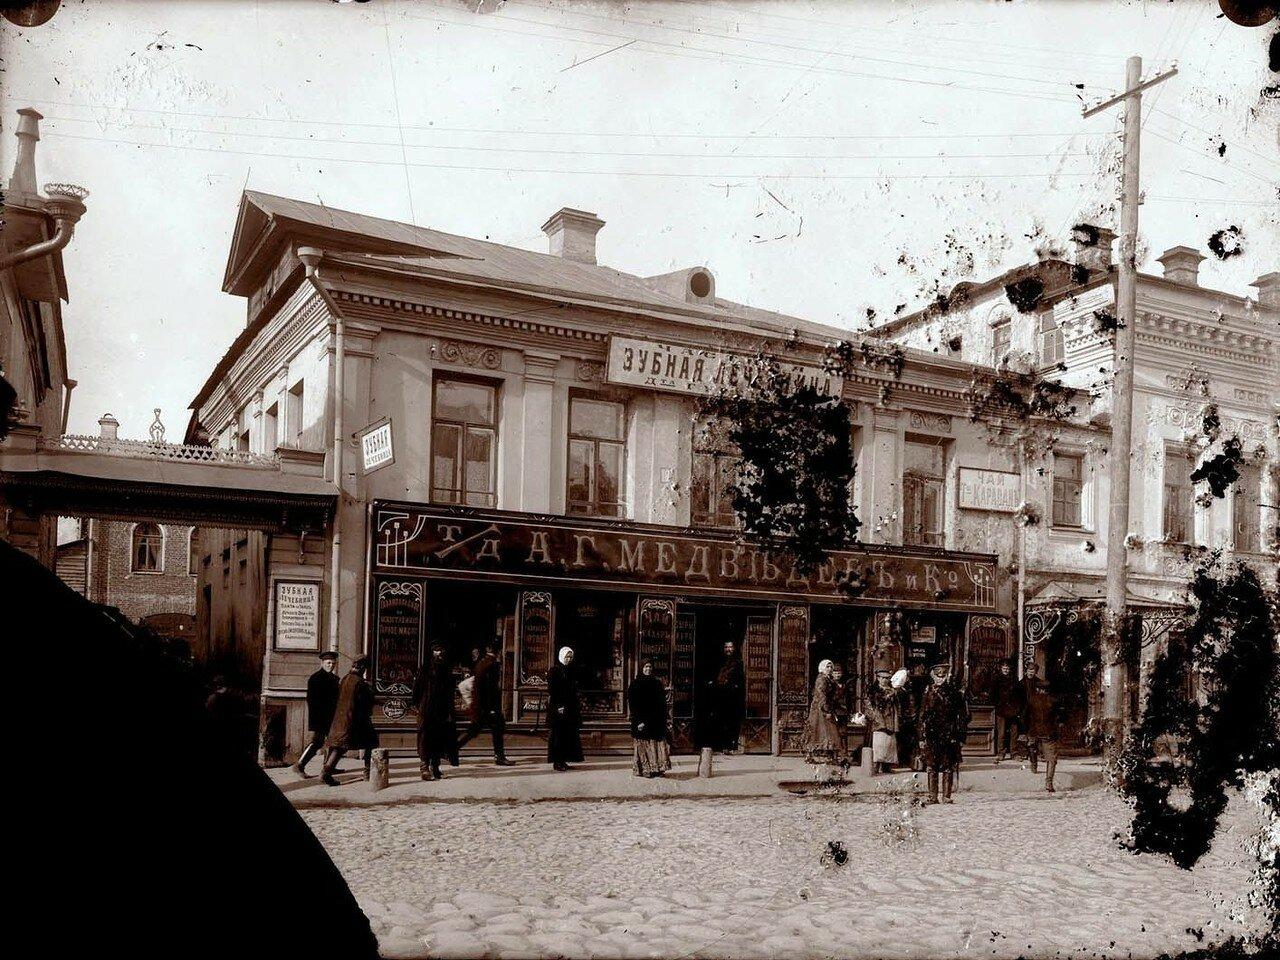 Торговый дом А.Г.Медведев и Ко на улице Стоялая